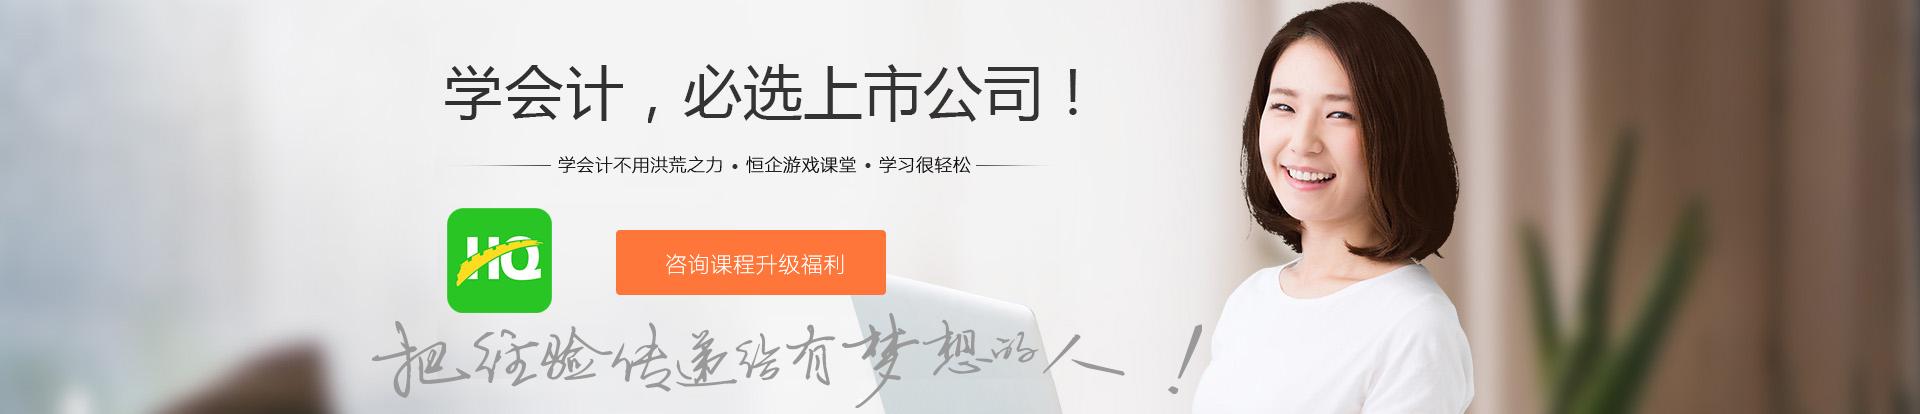 宾阳恒企会计合乐彩票app学校 横幅广告